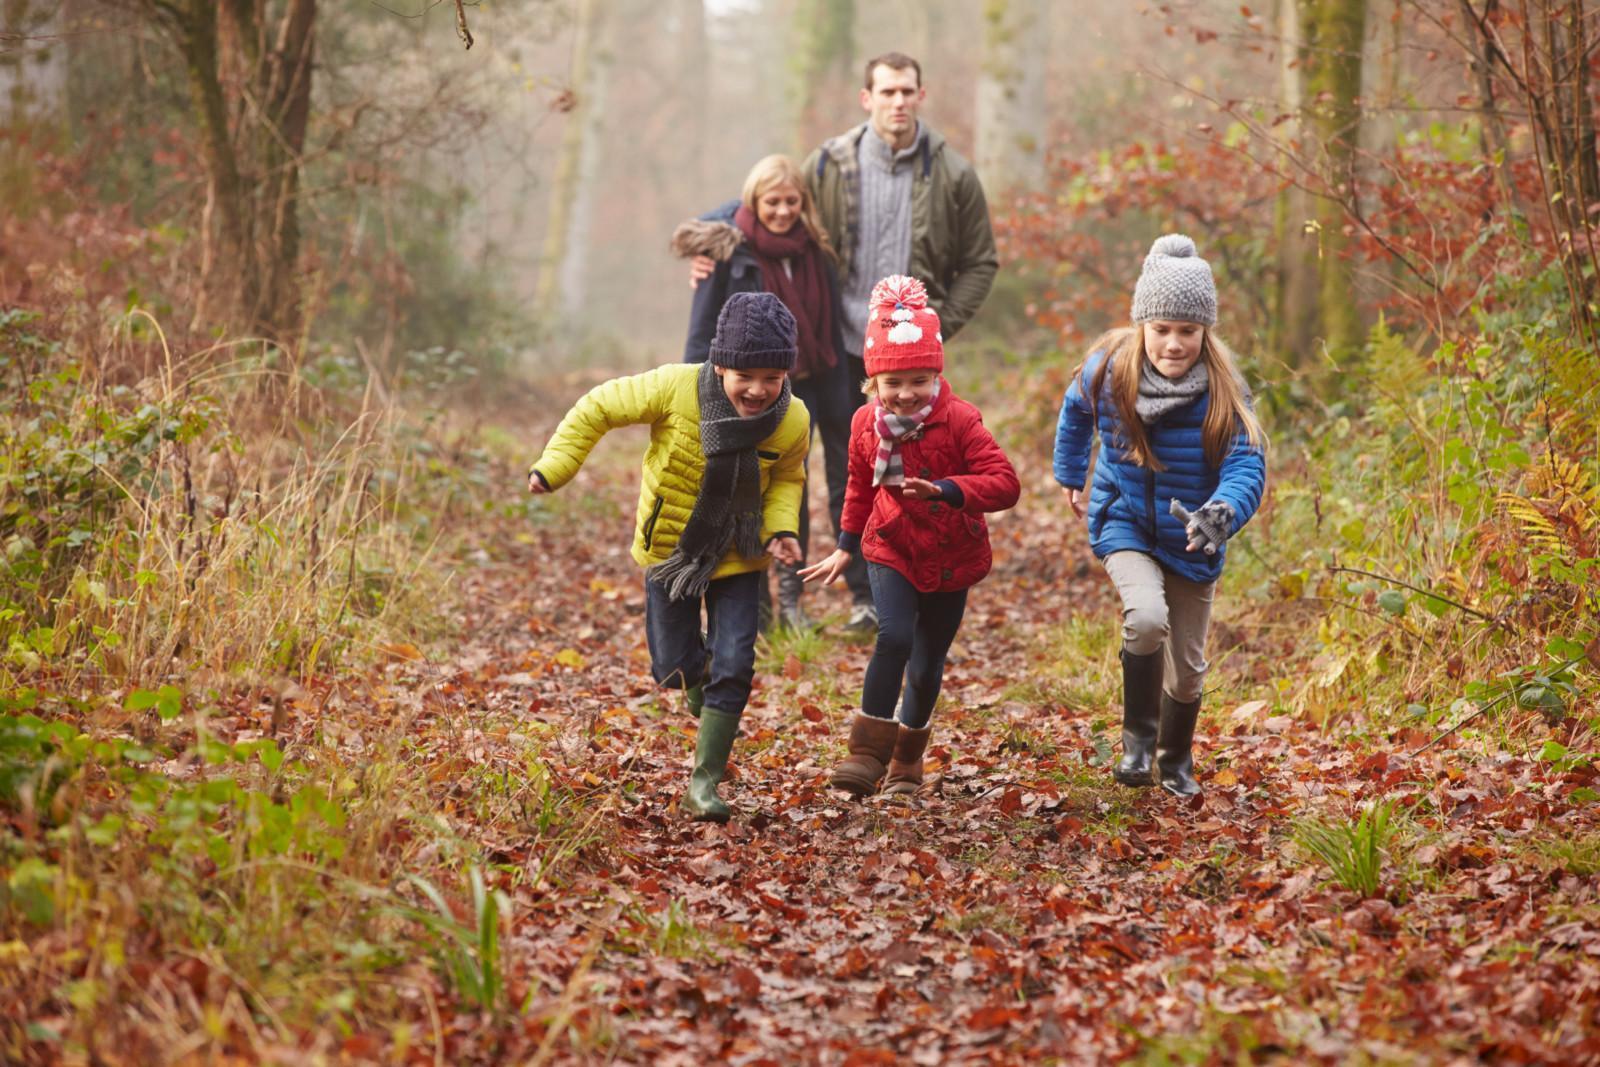 Nainen ja mies kävelevät toisiaan halaten syksyisessä maisemassa. Kuvan etualalla juoksee rinnakkain kolme lasta.